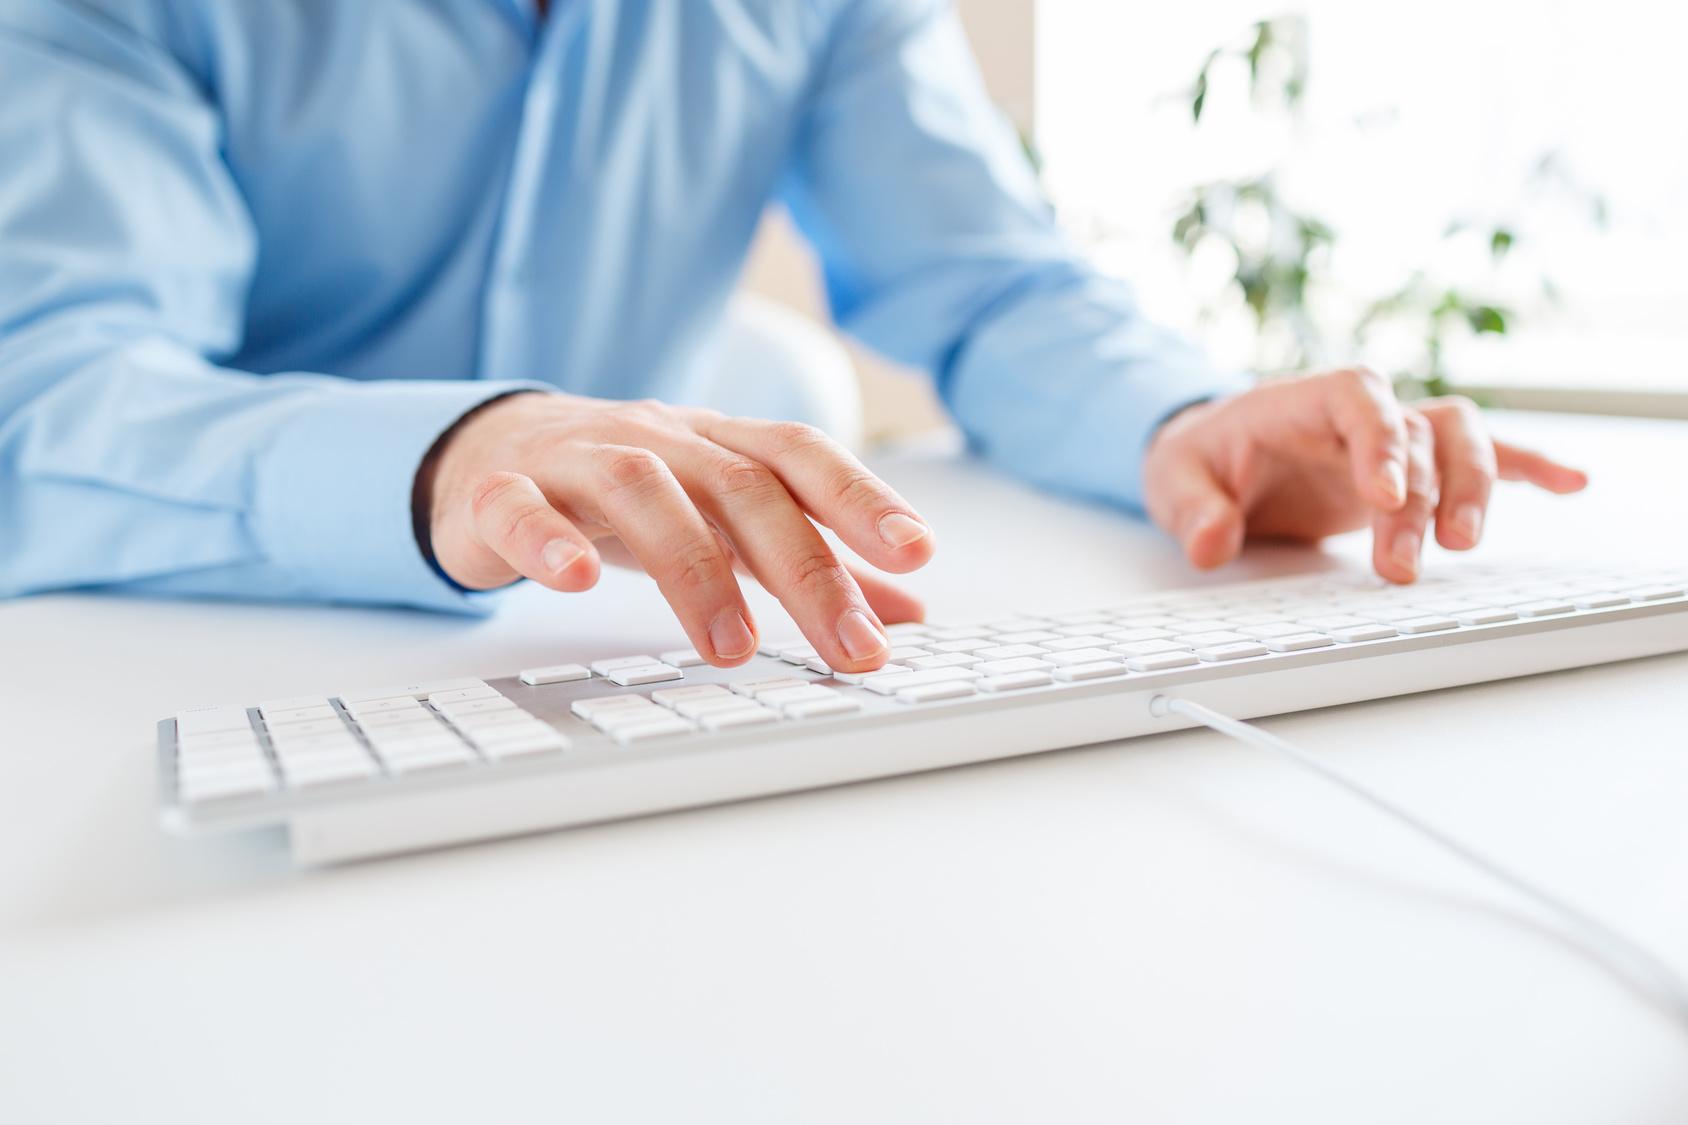 Mann tippt auf einer Computertatstatur